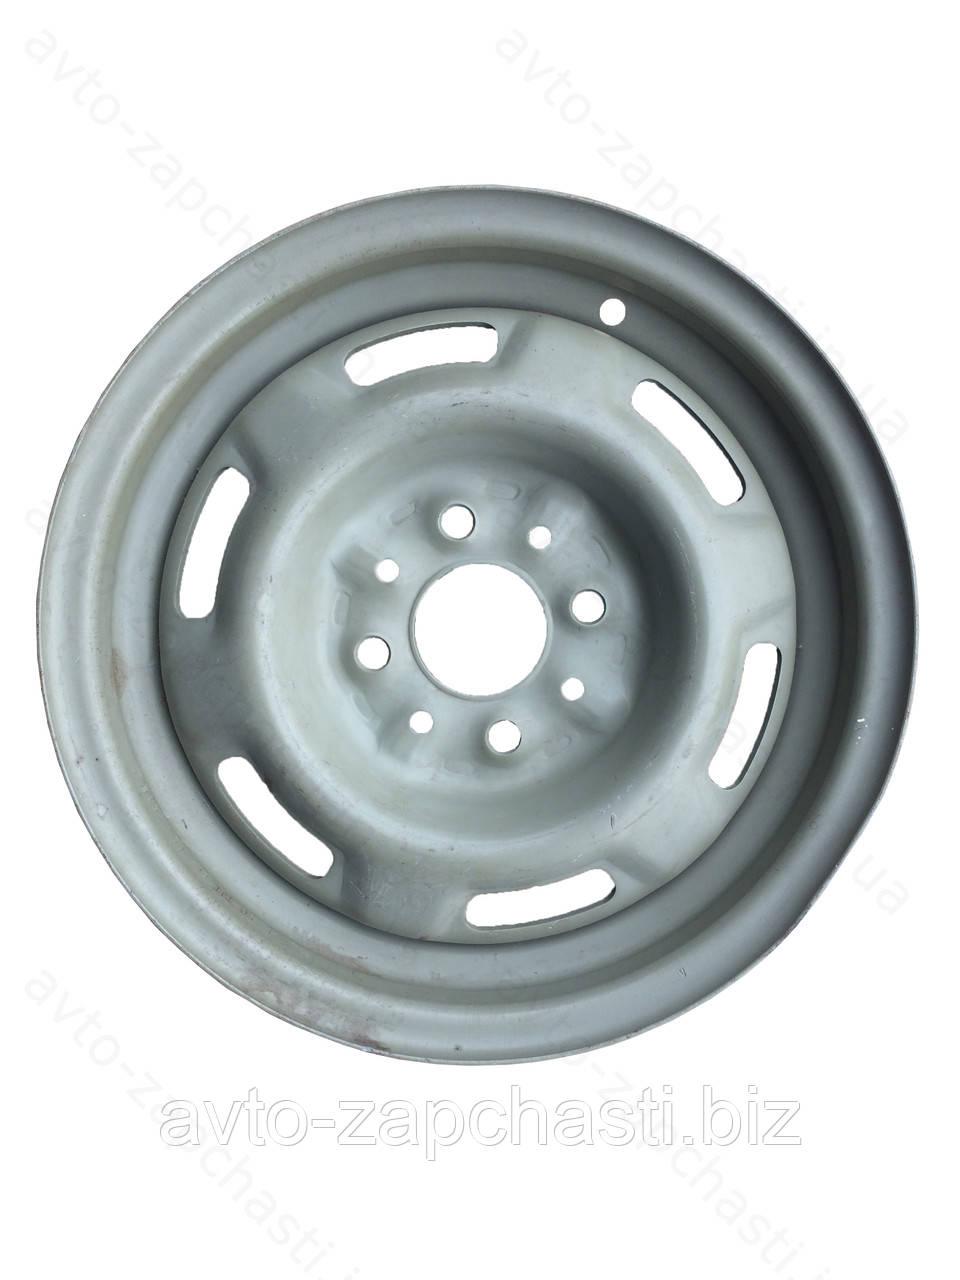 Диск колесный ВАЗ 2108, 2109, 21099, 2113, 2114, 2115 (пр-во АвтоВАЗ) (21080-310101508)